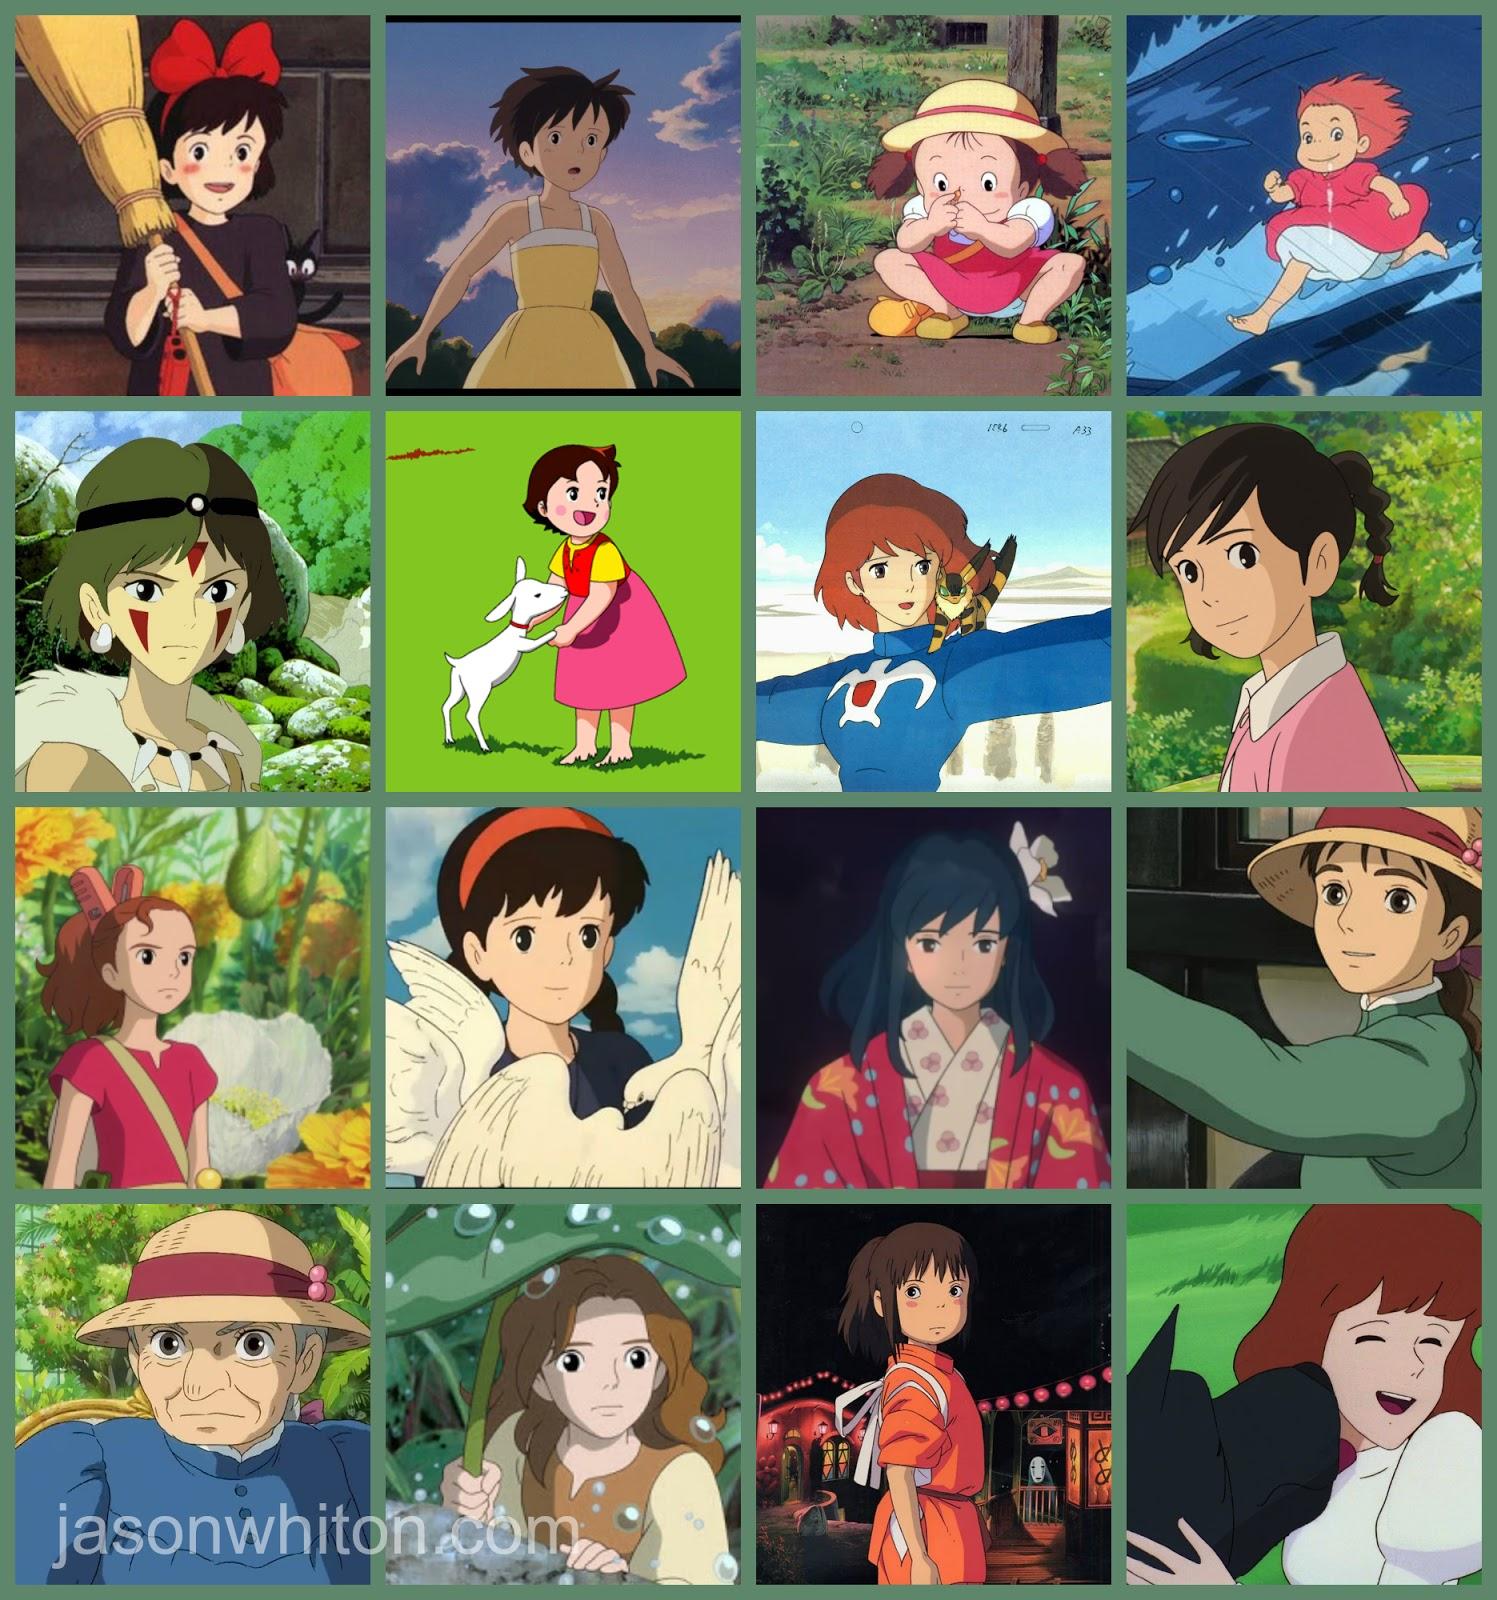 Studio ghibli characters collage